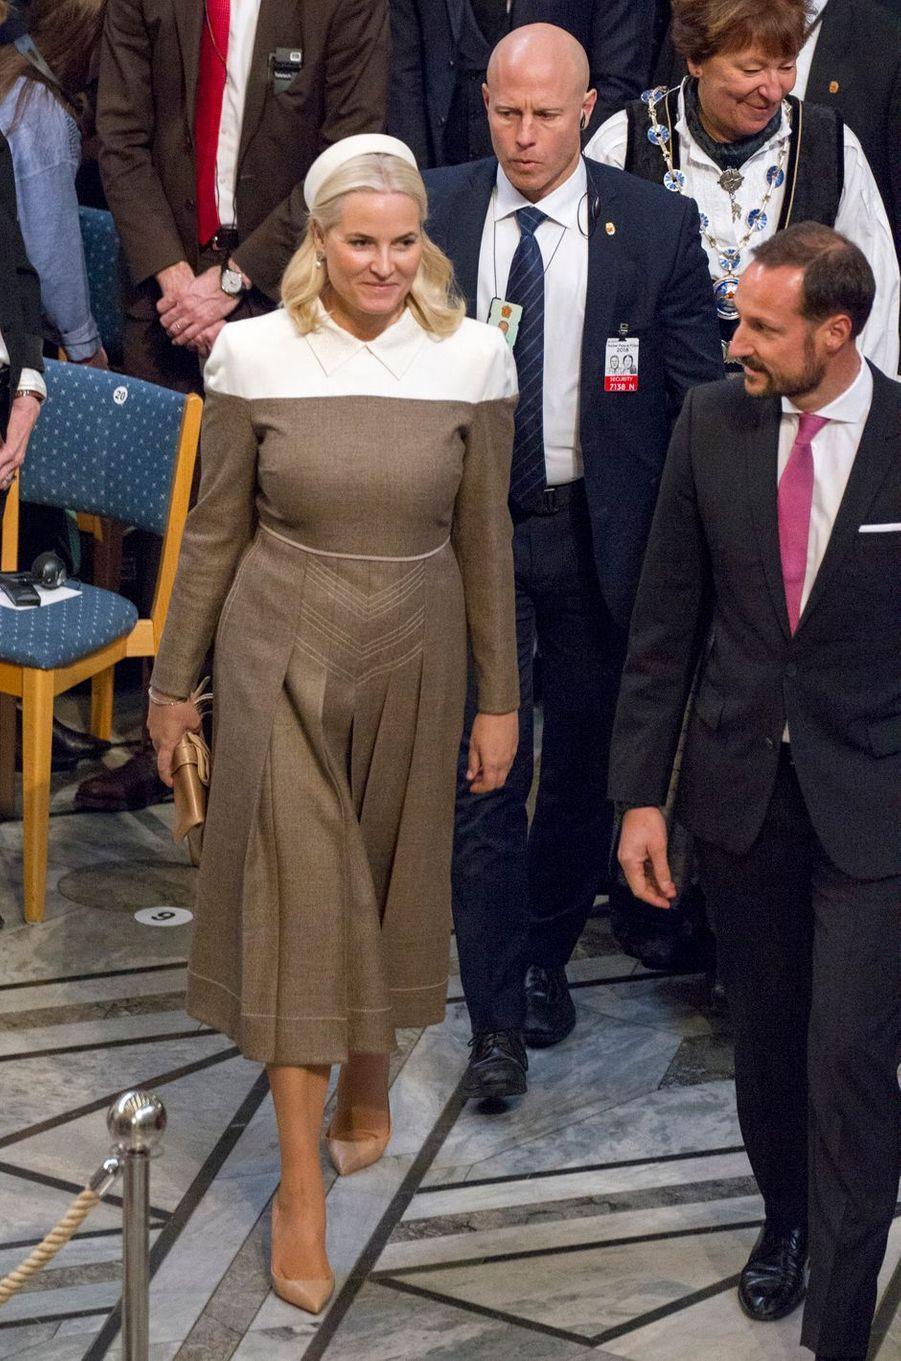 La princesse Mette-Marit et le prince Haakon de Norvège à Oslo, le 10 décembre 2018